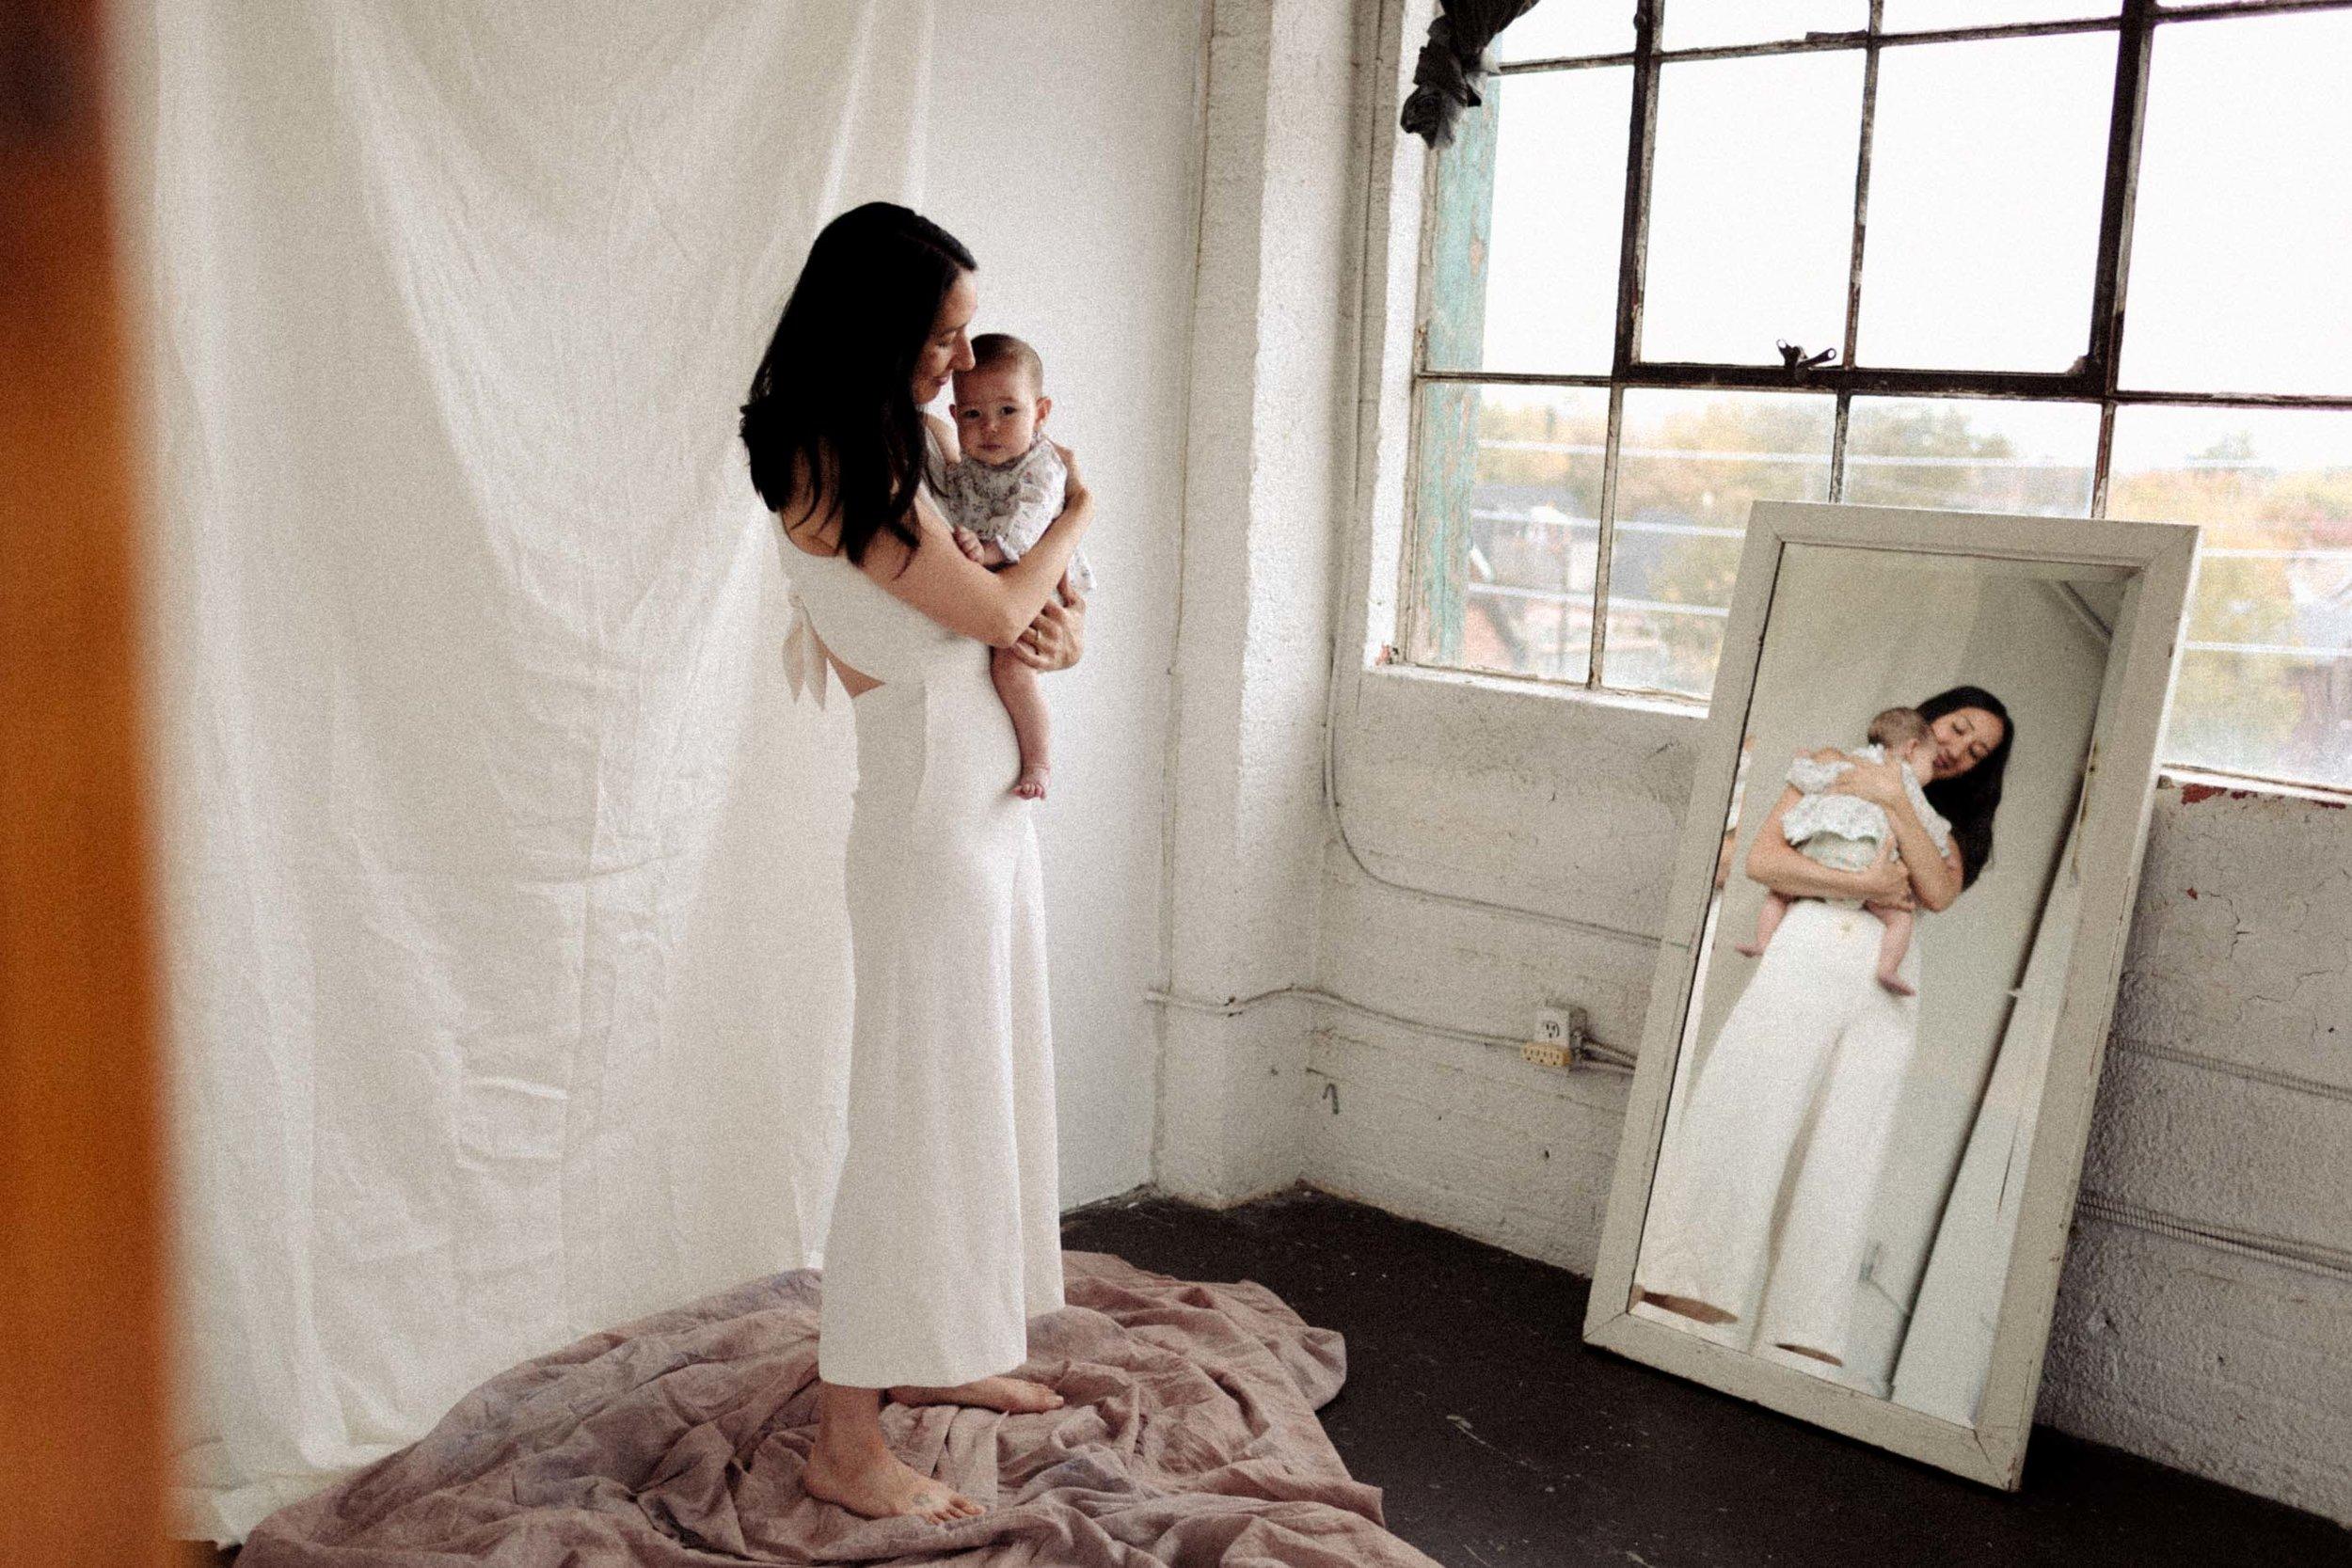 Laura+Rowe+Photography,+Motherhood+Portraiture+3.jpg